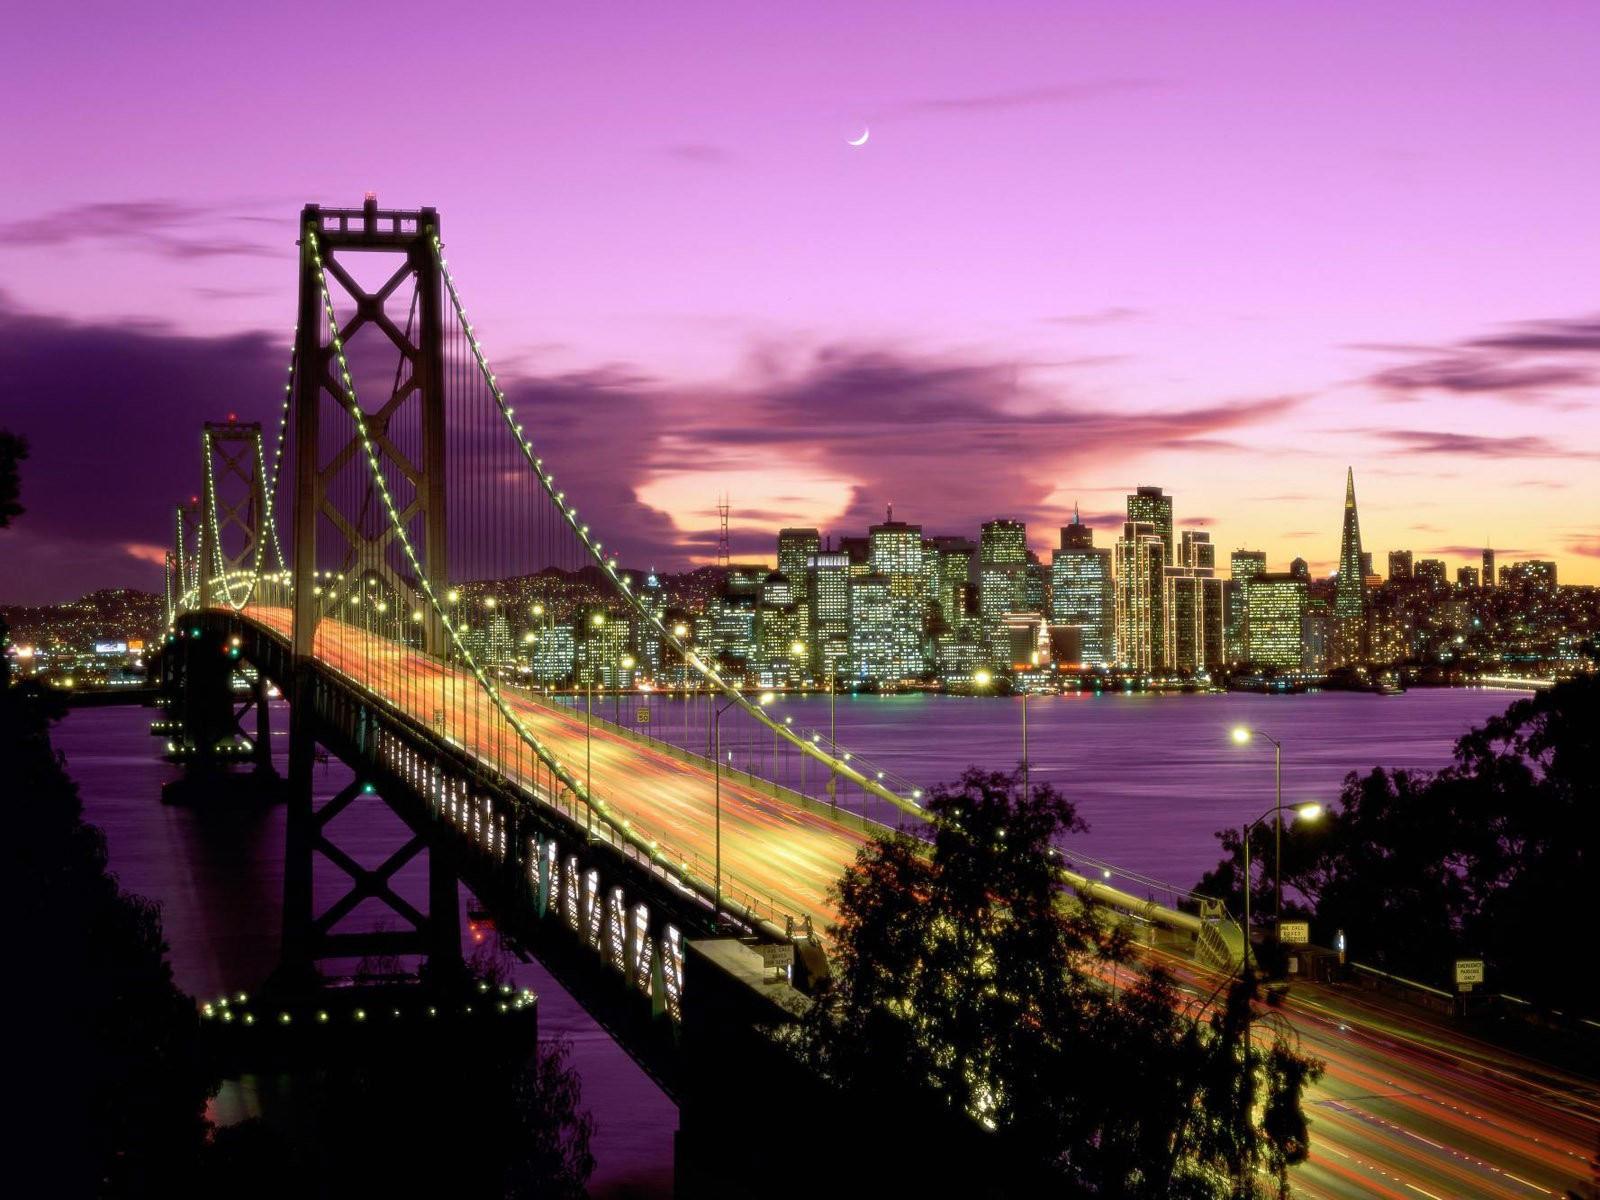 Мост залива Сан-Франциска, Калифорния